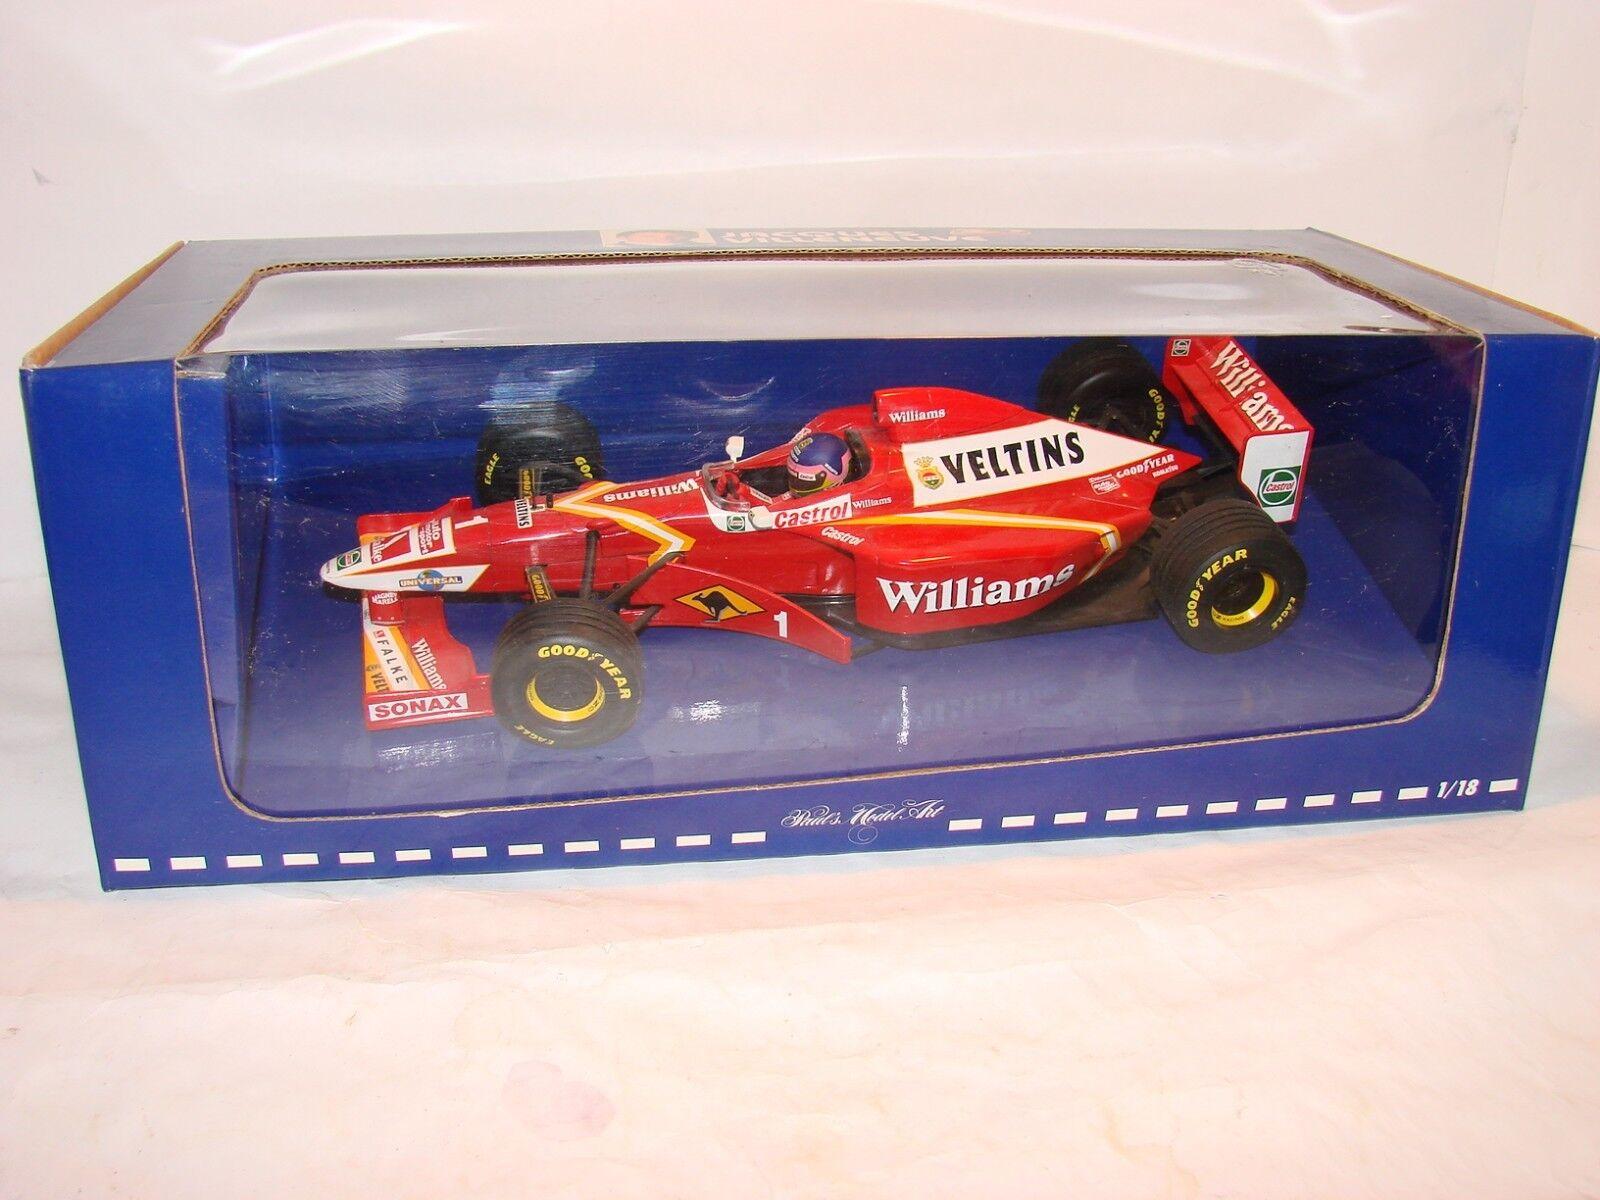 1 18 Williams Veltins fw20 Présentation 1998 Jaques Villeneuve, Minichamps